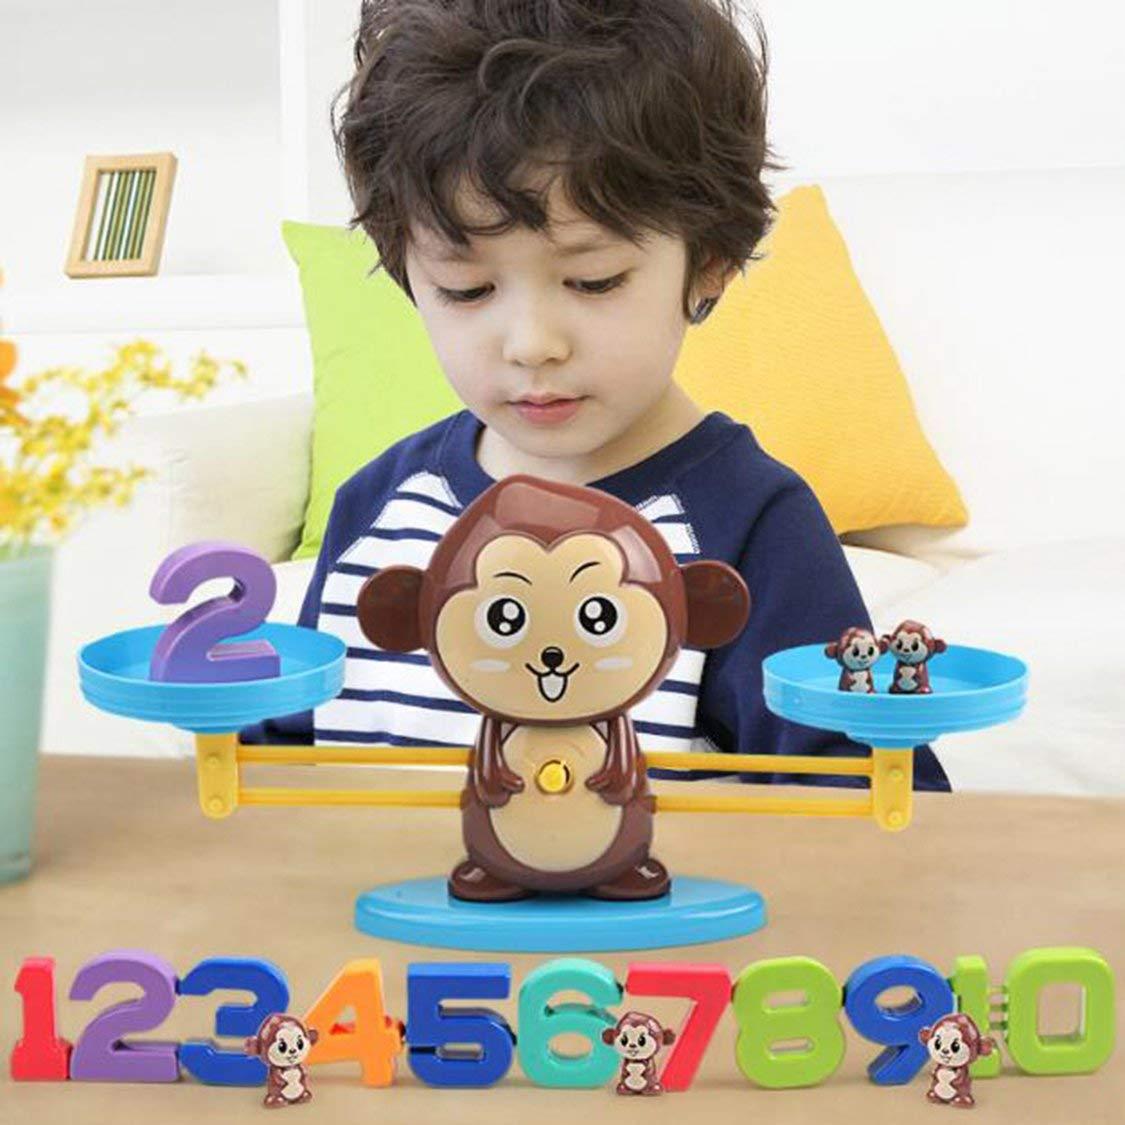 Outils d/éducation de la Petite enfance Singe /Équilibre math/ématique Addition num/érique Comptage Enseignement pour Enfants Family Table Game